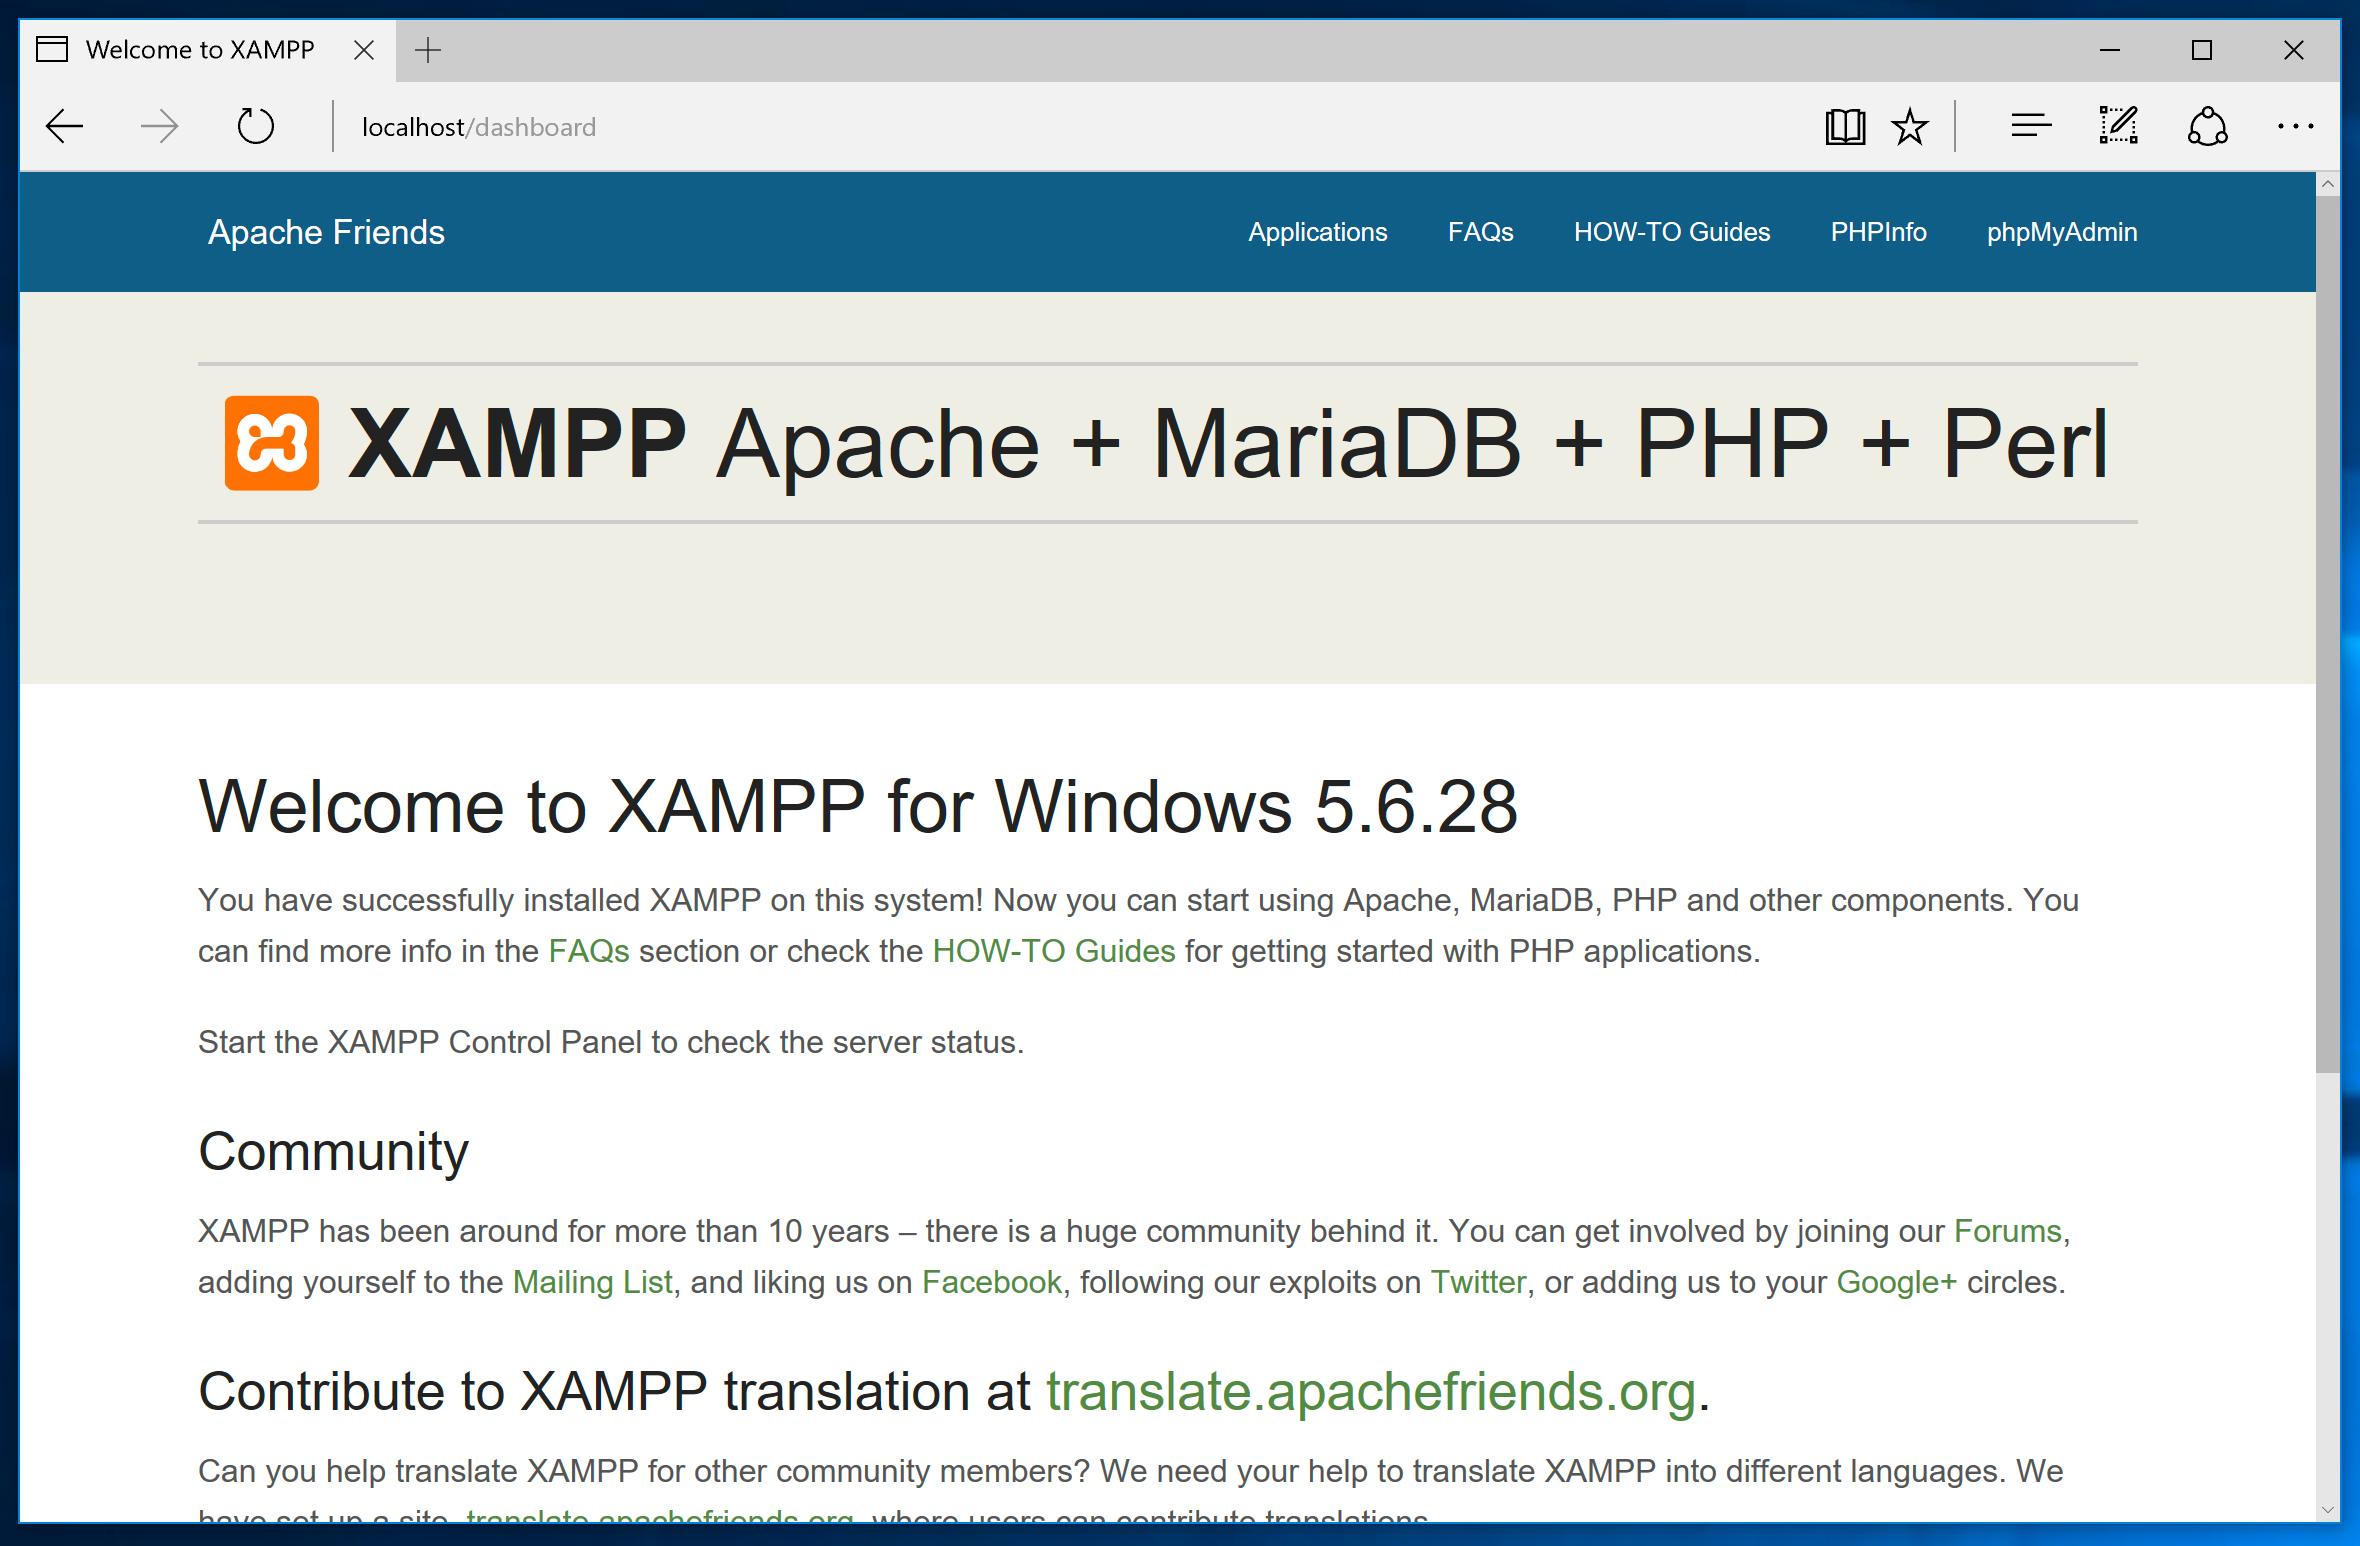 xampp avviato - localhost